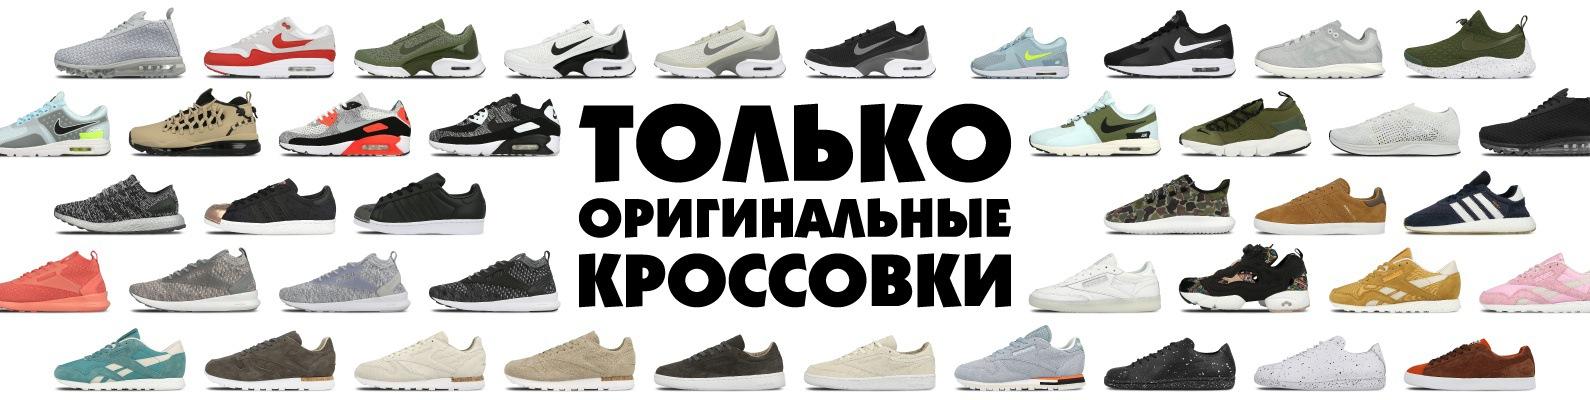 ae54bd81 Только оригинальные кроссовки — EXXE.BY | ВКонтакте